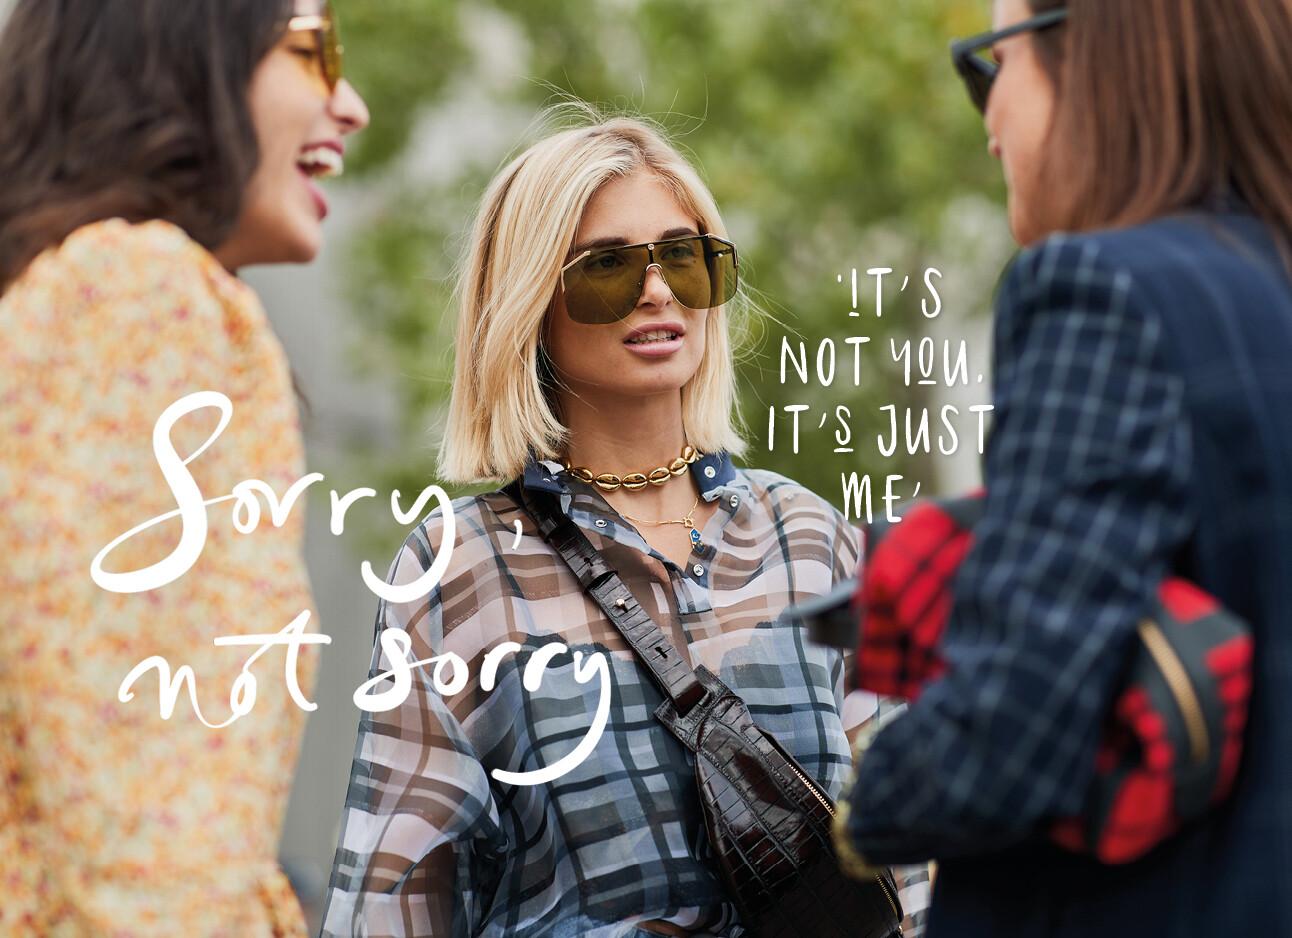 vrouw praat met haar vriendinnen op straat